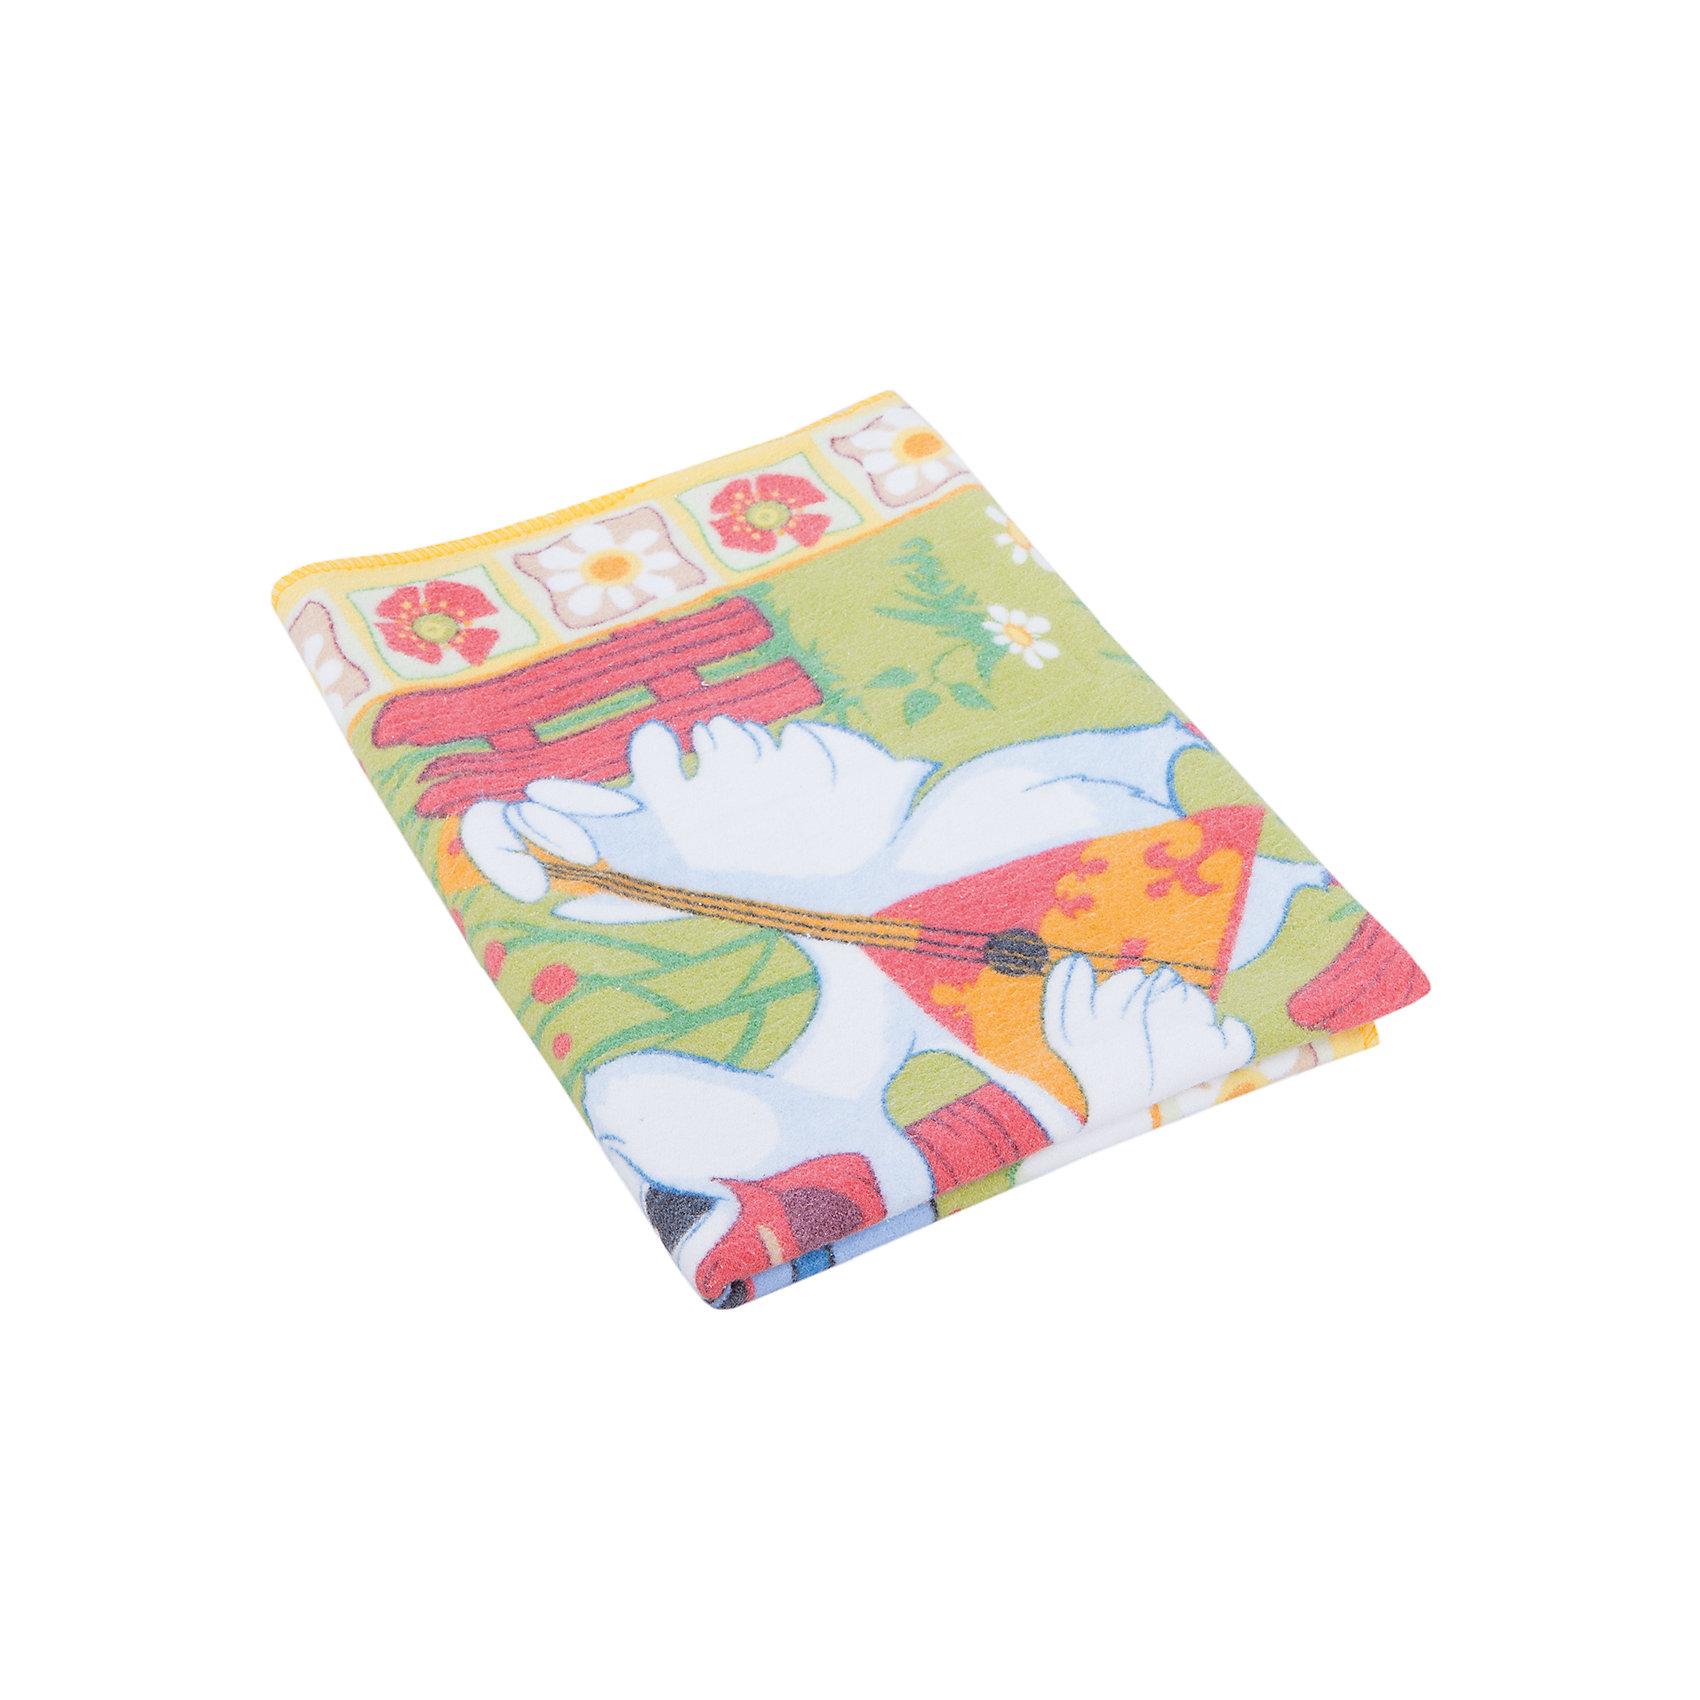 Одеяло байковое  Весёлые гуси, 100х140, Baby NiceОдеяла, пледы<br>Мягкое байковое одеяло Весёлые гуси подарит малышам крепкий, комфортный и здоровый сон. Одеяло выполнено из натурального хлопка, прекрасно пропускает воздух, сохраняя при этом тепло, что обеспечивает поддержание комфортного микроклимата как дома, так и на прогулке. Абсолютно гипоаллергенное, идеально подходит для новорожденных детей. <br><br>Дополнительная информация:<br><br>- Материал: хлопок 100%.<br>- Размер: 100х140 см. <br>- Отделка: оверлок.<br>- Декоративные элементы: принт (веселые гуси).<br>- Внутренняя сторона - однотонная. <br>- Стирка: машинная при 40 ?. <br><br>Одеяло байковое  Весёлые гуси, 100х140, Baby Nice (Беби Найс), можно купить в нашем магазине.<br><br>Ширина мм: 40<br>Глубина мм: 5<br>Высота мм: 30<br>Вес г: 500<br>Возраст от месяцев: 0<br>Возраст до месяцев: 60<br>Пол: Унисекс<br>Возраст: Детский<br>SKU: 4058258